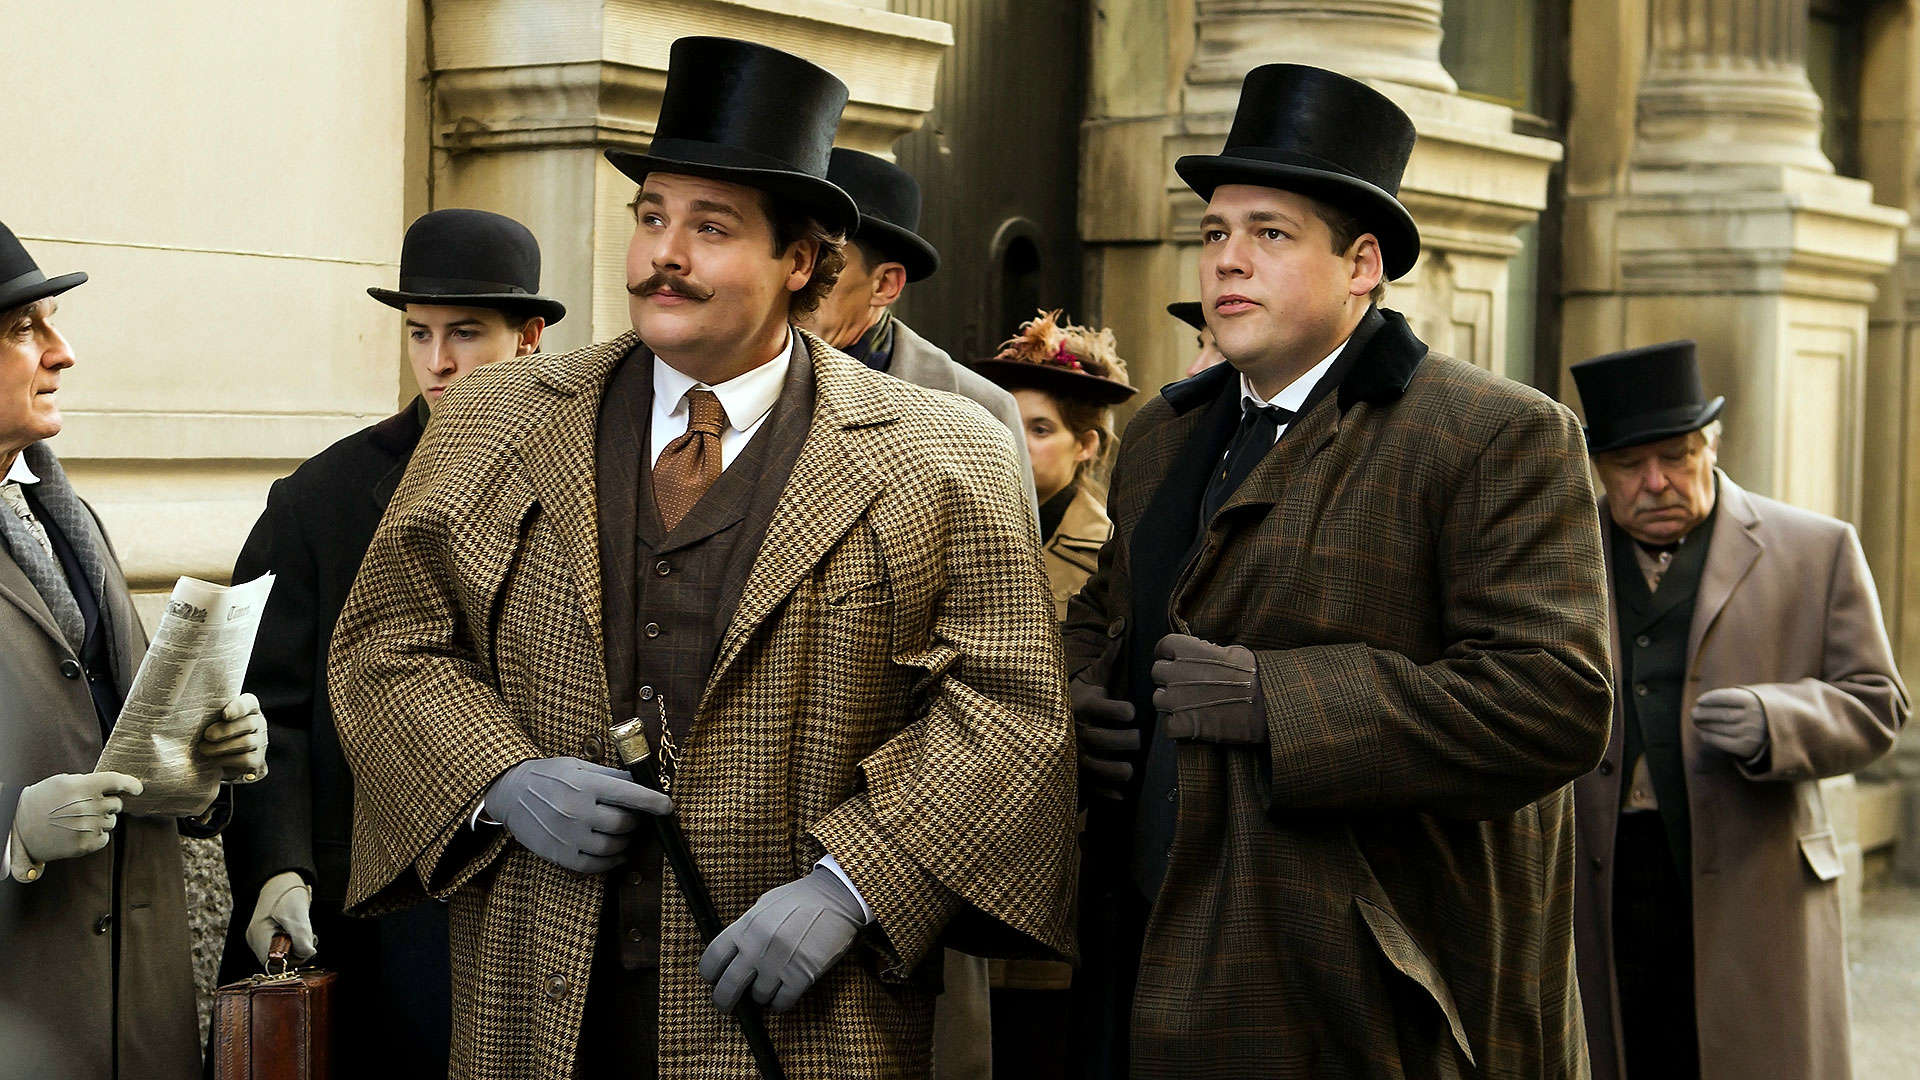 Louis Cyr et Horace Barré, respectivement interprétés par Antoine Bertrard et Guillaume Cyr. Cliquez ici pour visualiser la bande-annonce du film.